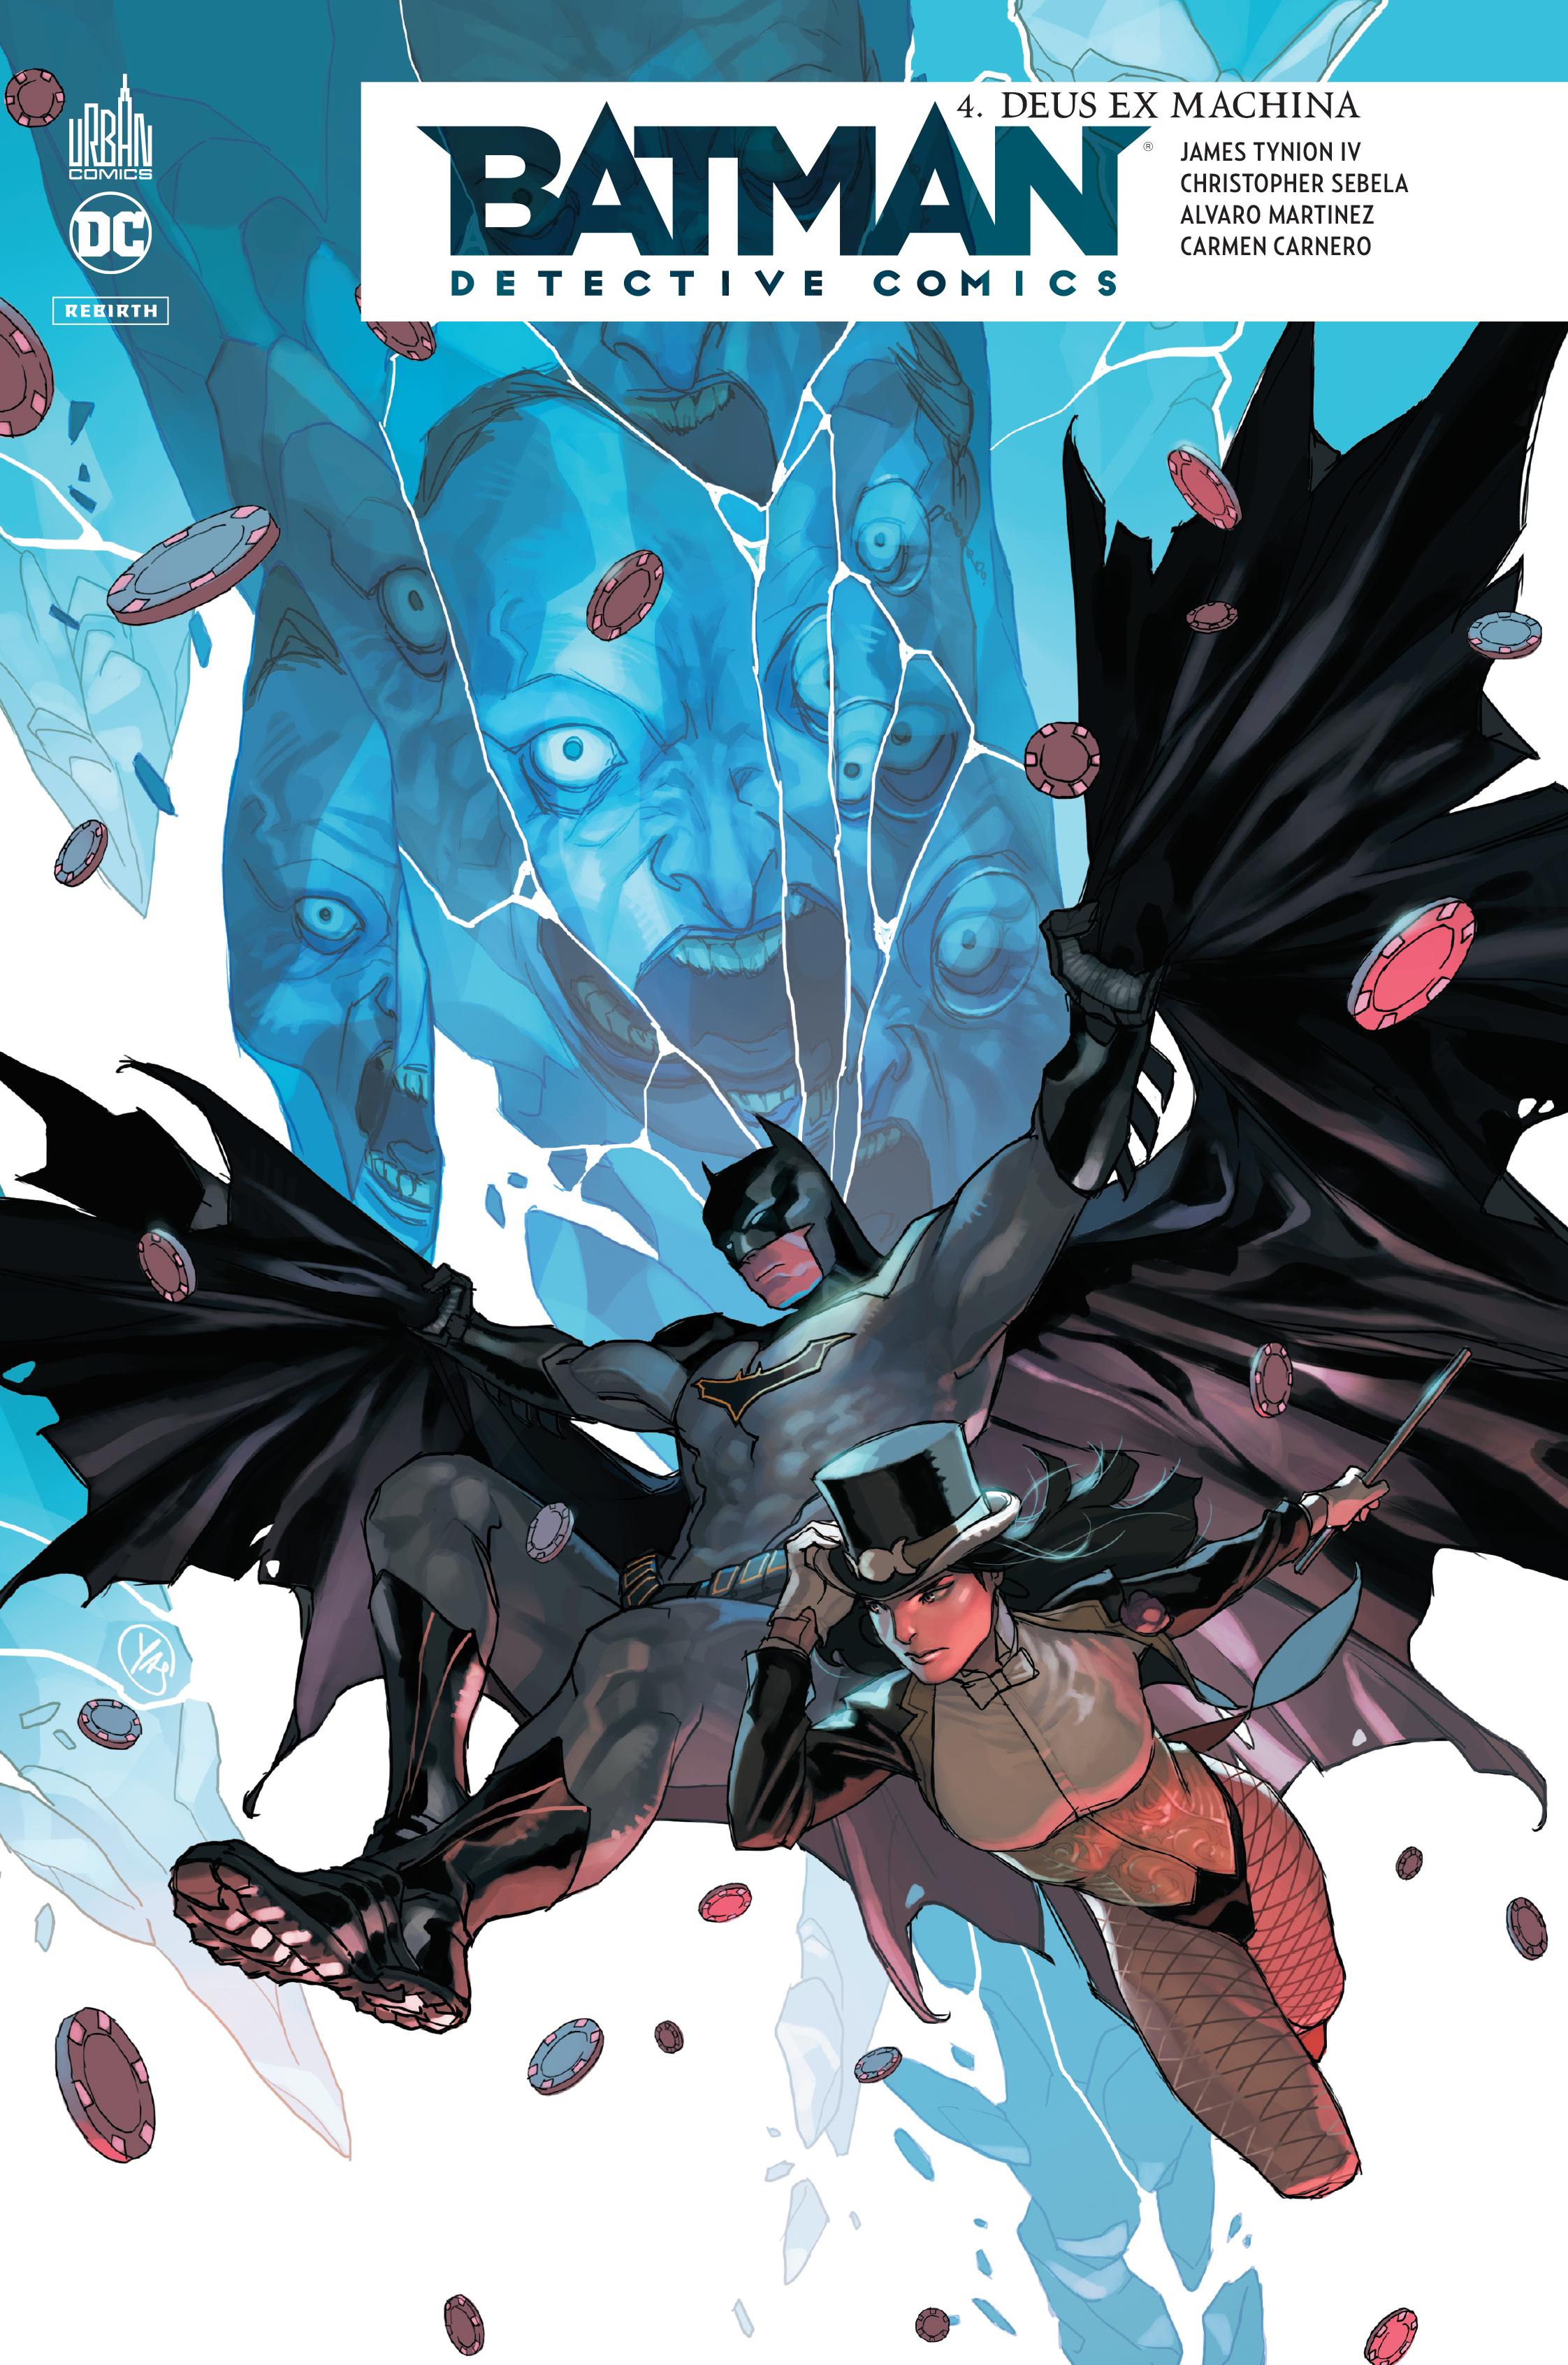 Batman - Detective Comics 4 - Deus Ex Machina